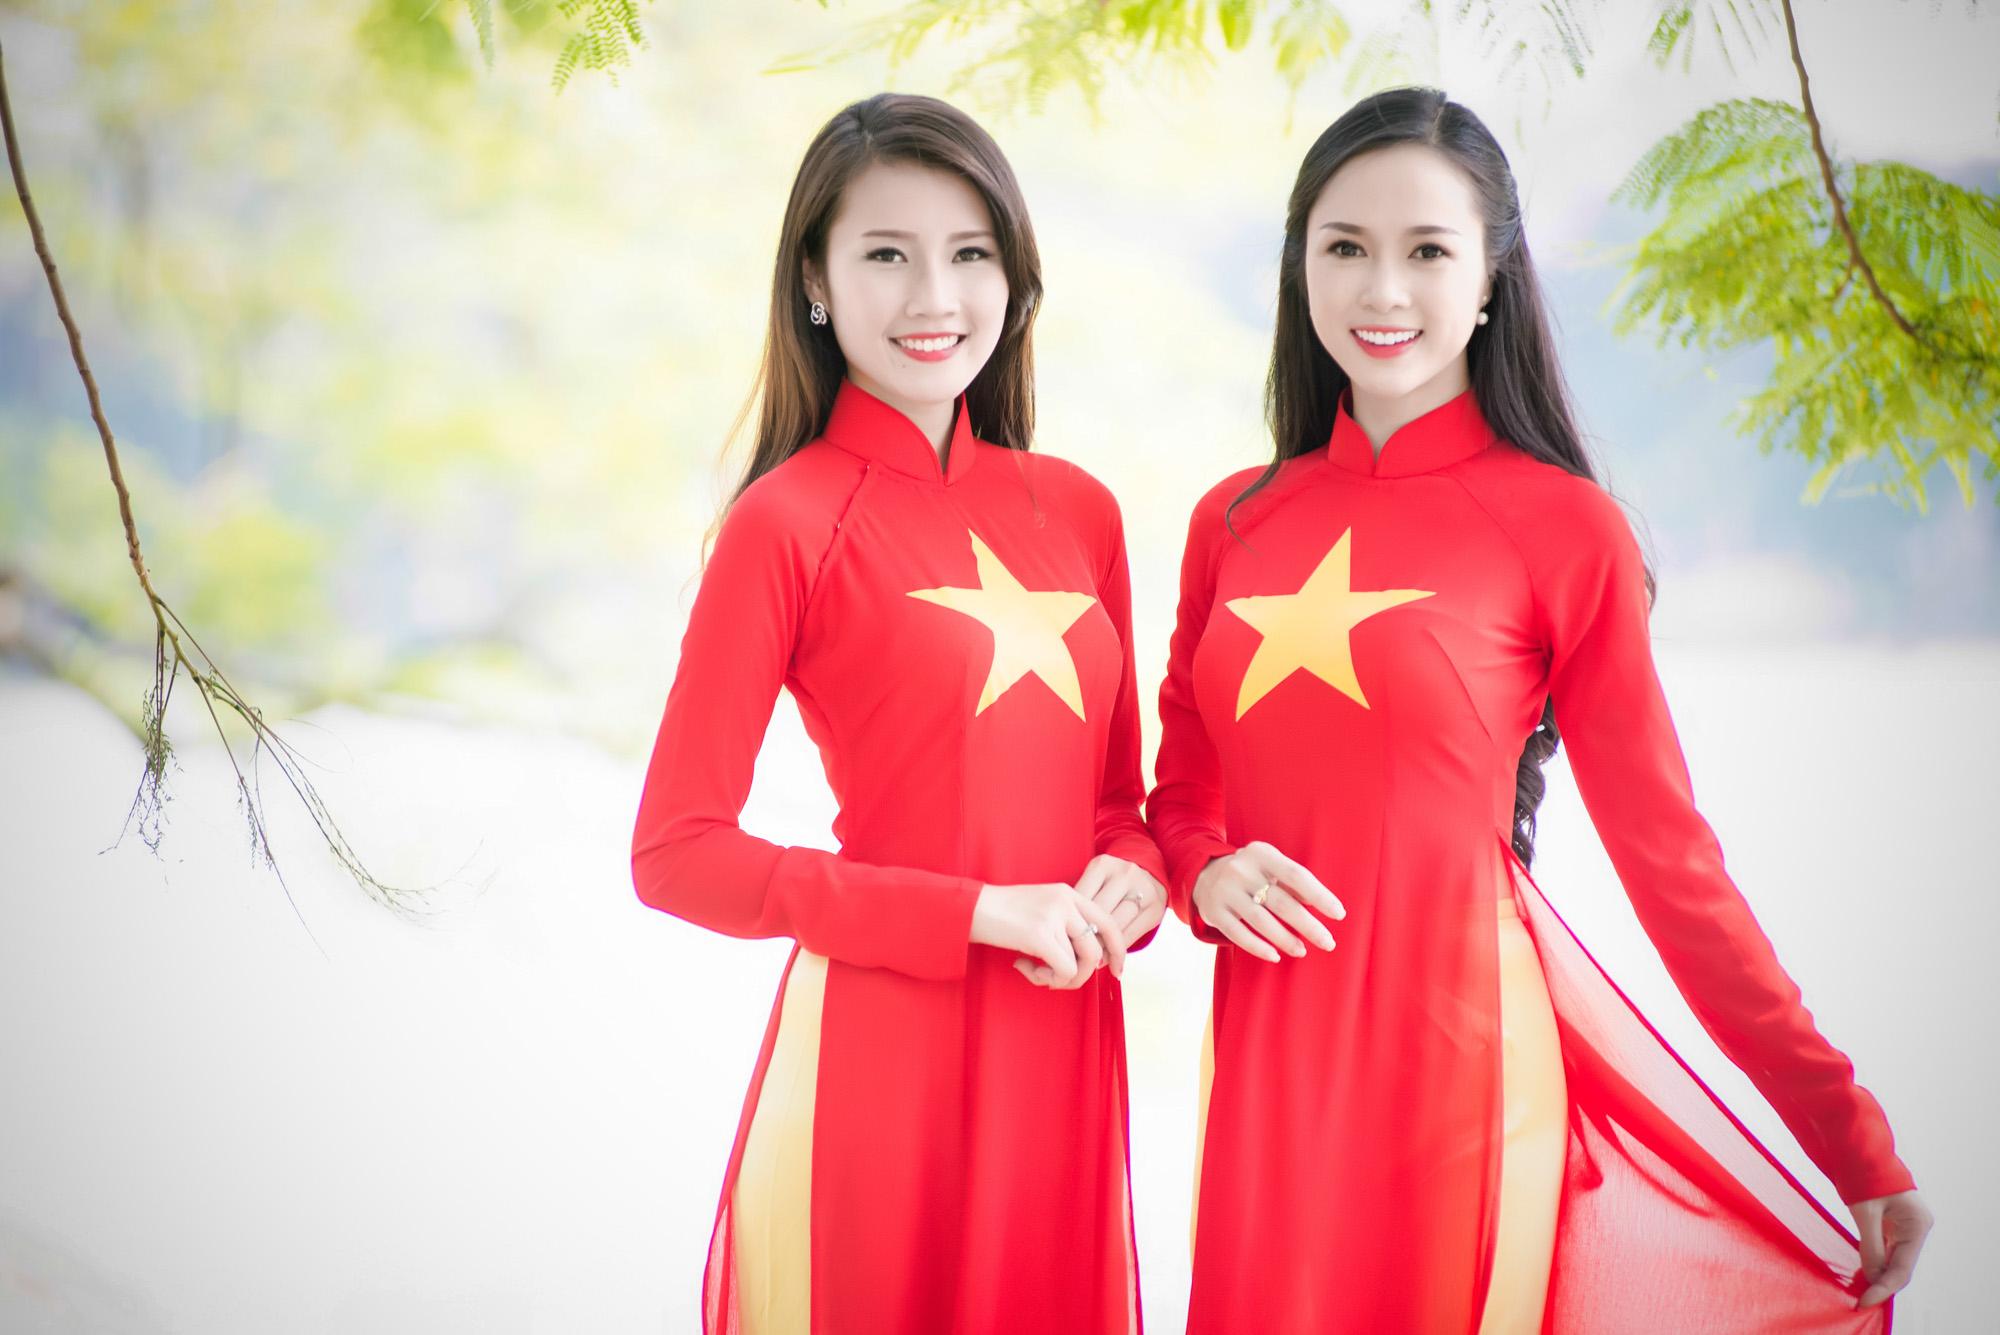 áo dài cờ đỏ sao vàng